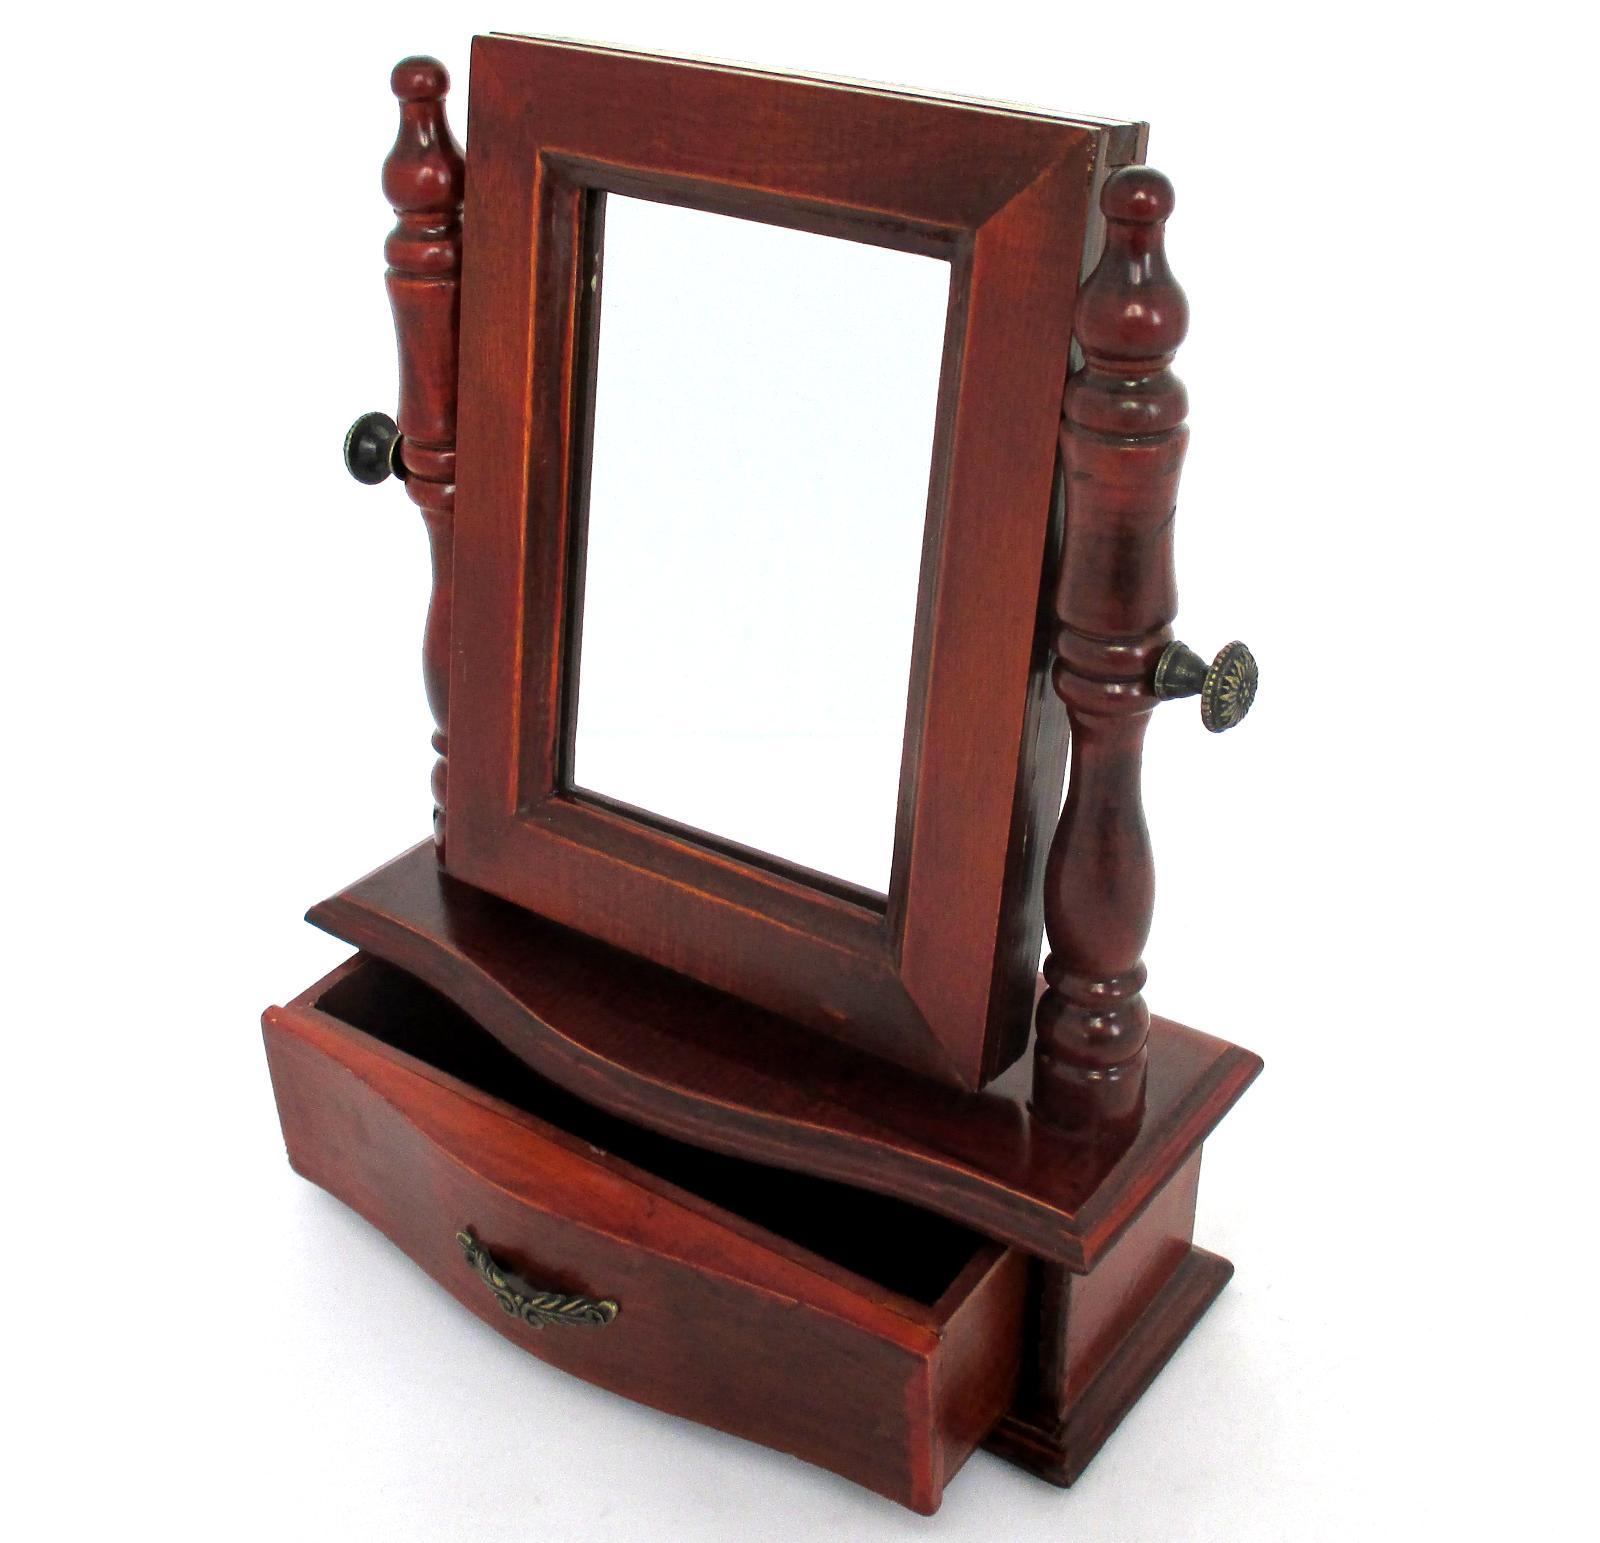 standspiegel kippspiegel und bilderrahmen in einen mit schublade schminkspiegel ebay. Black Bedroom Furniture Sets. Home Design Ideas